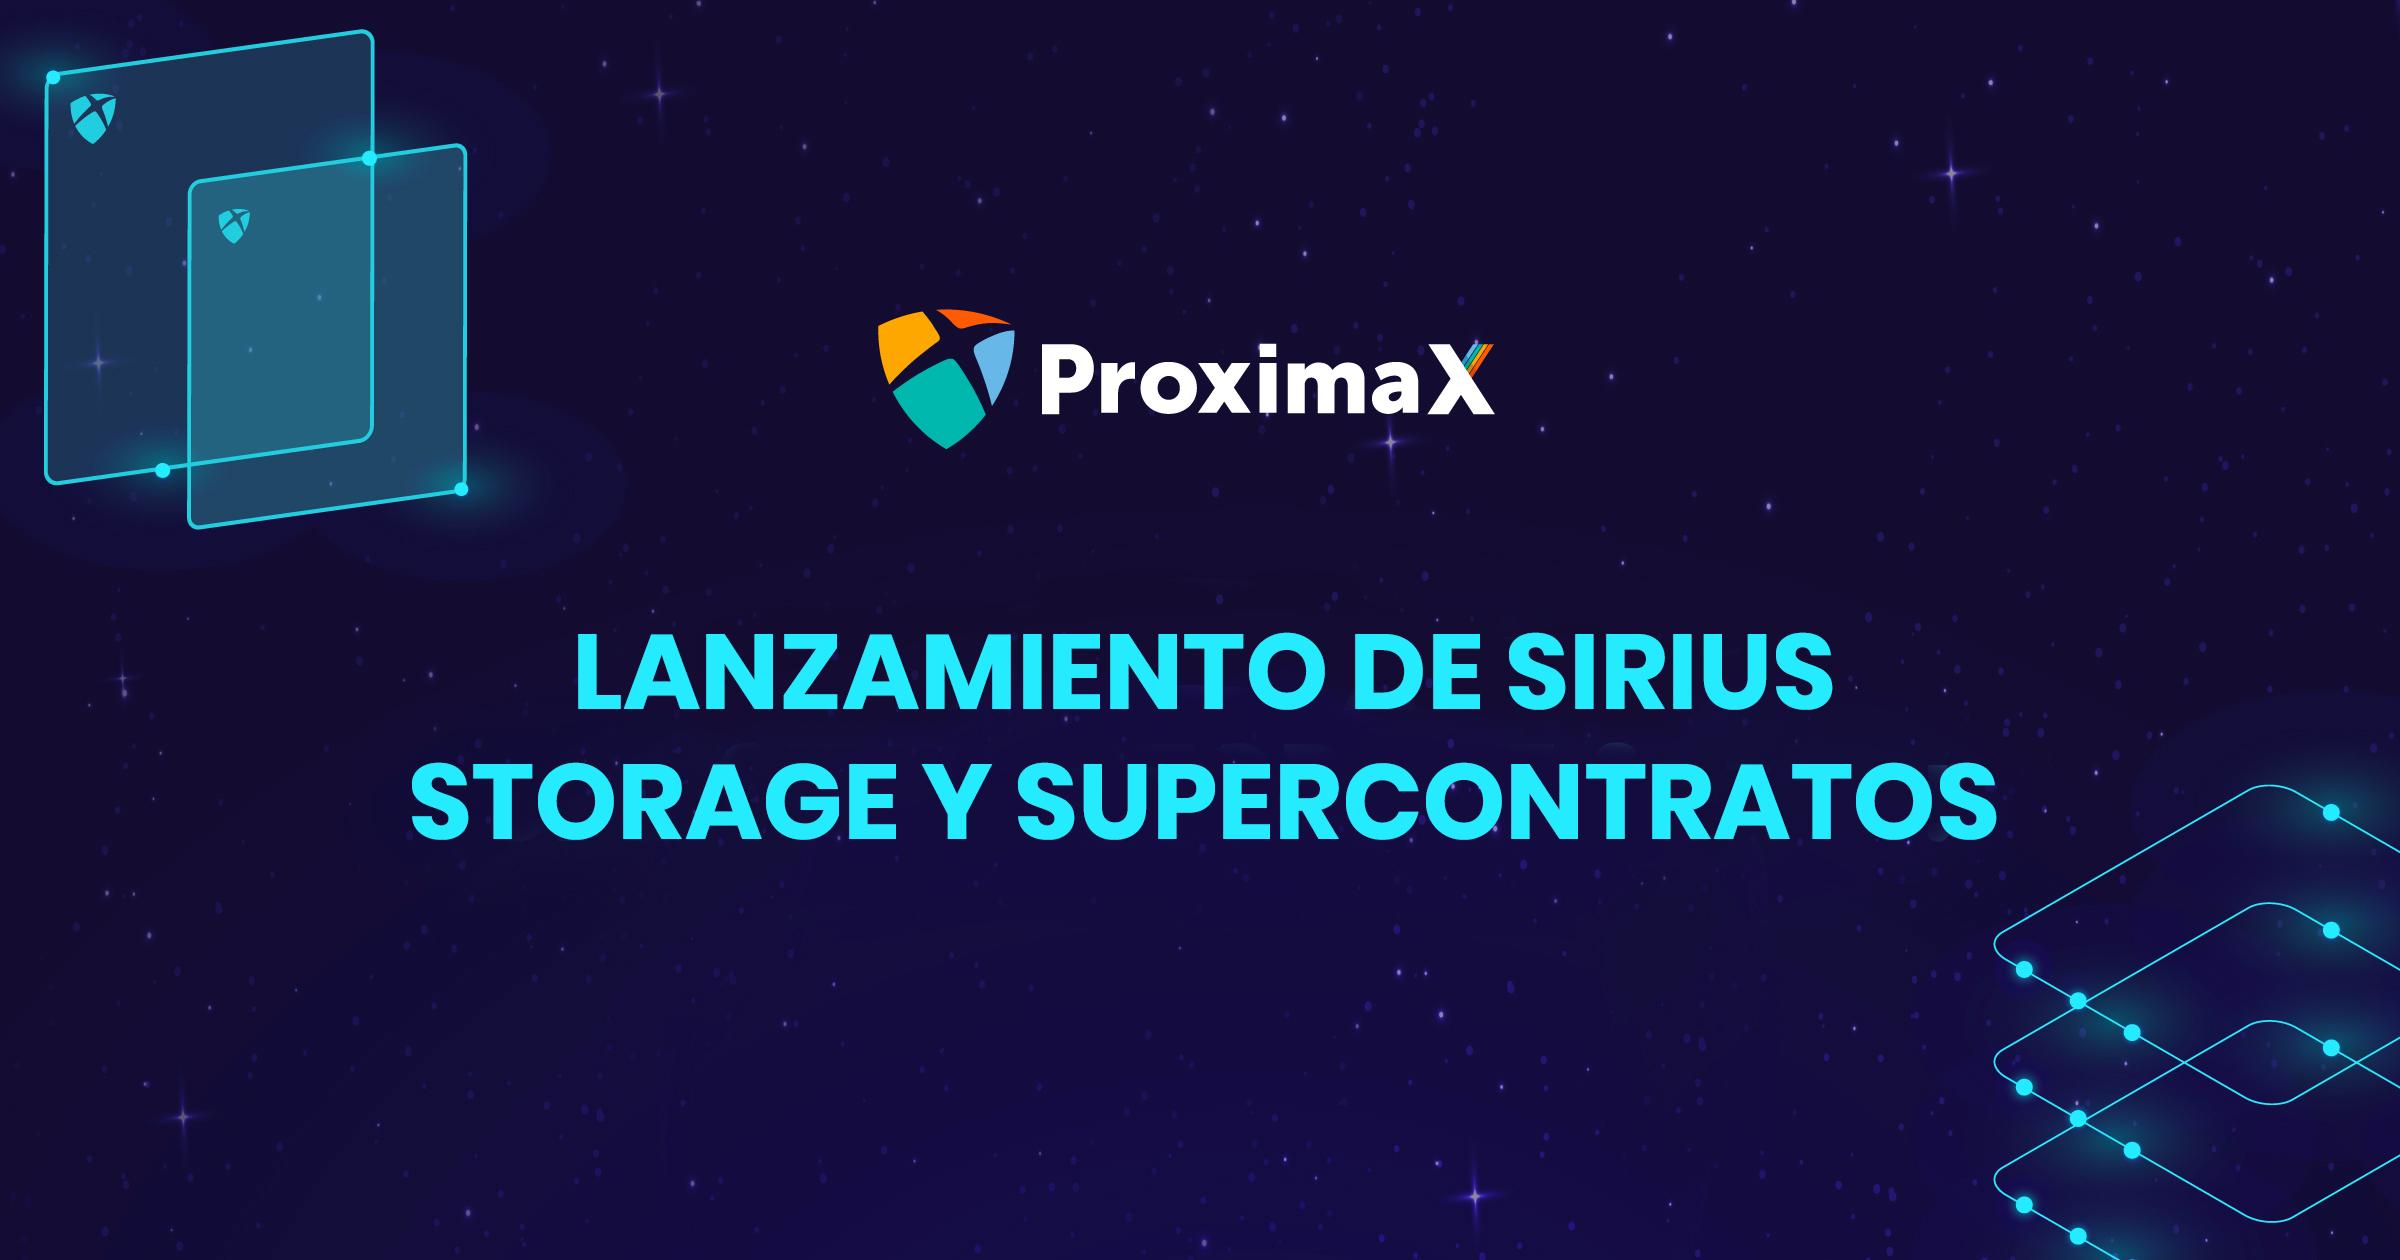 ProximaX lanza Sirius Storage y Supercontract